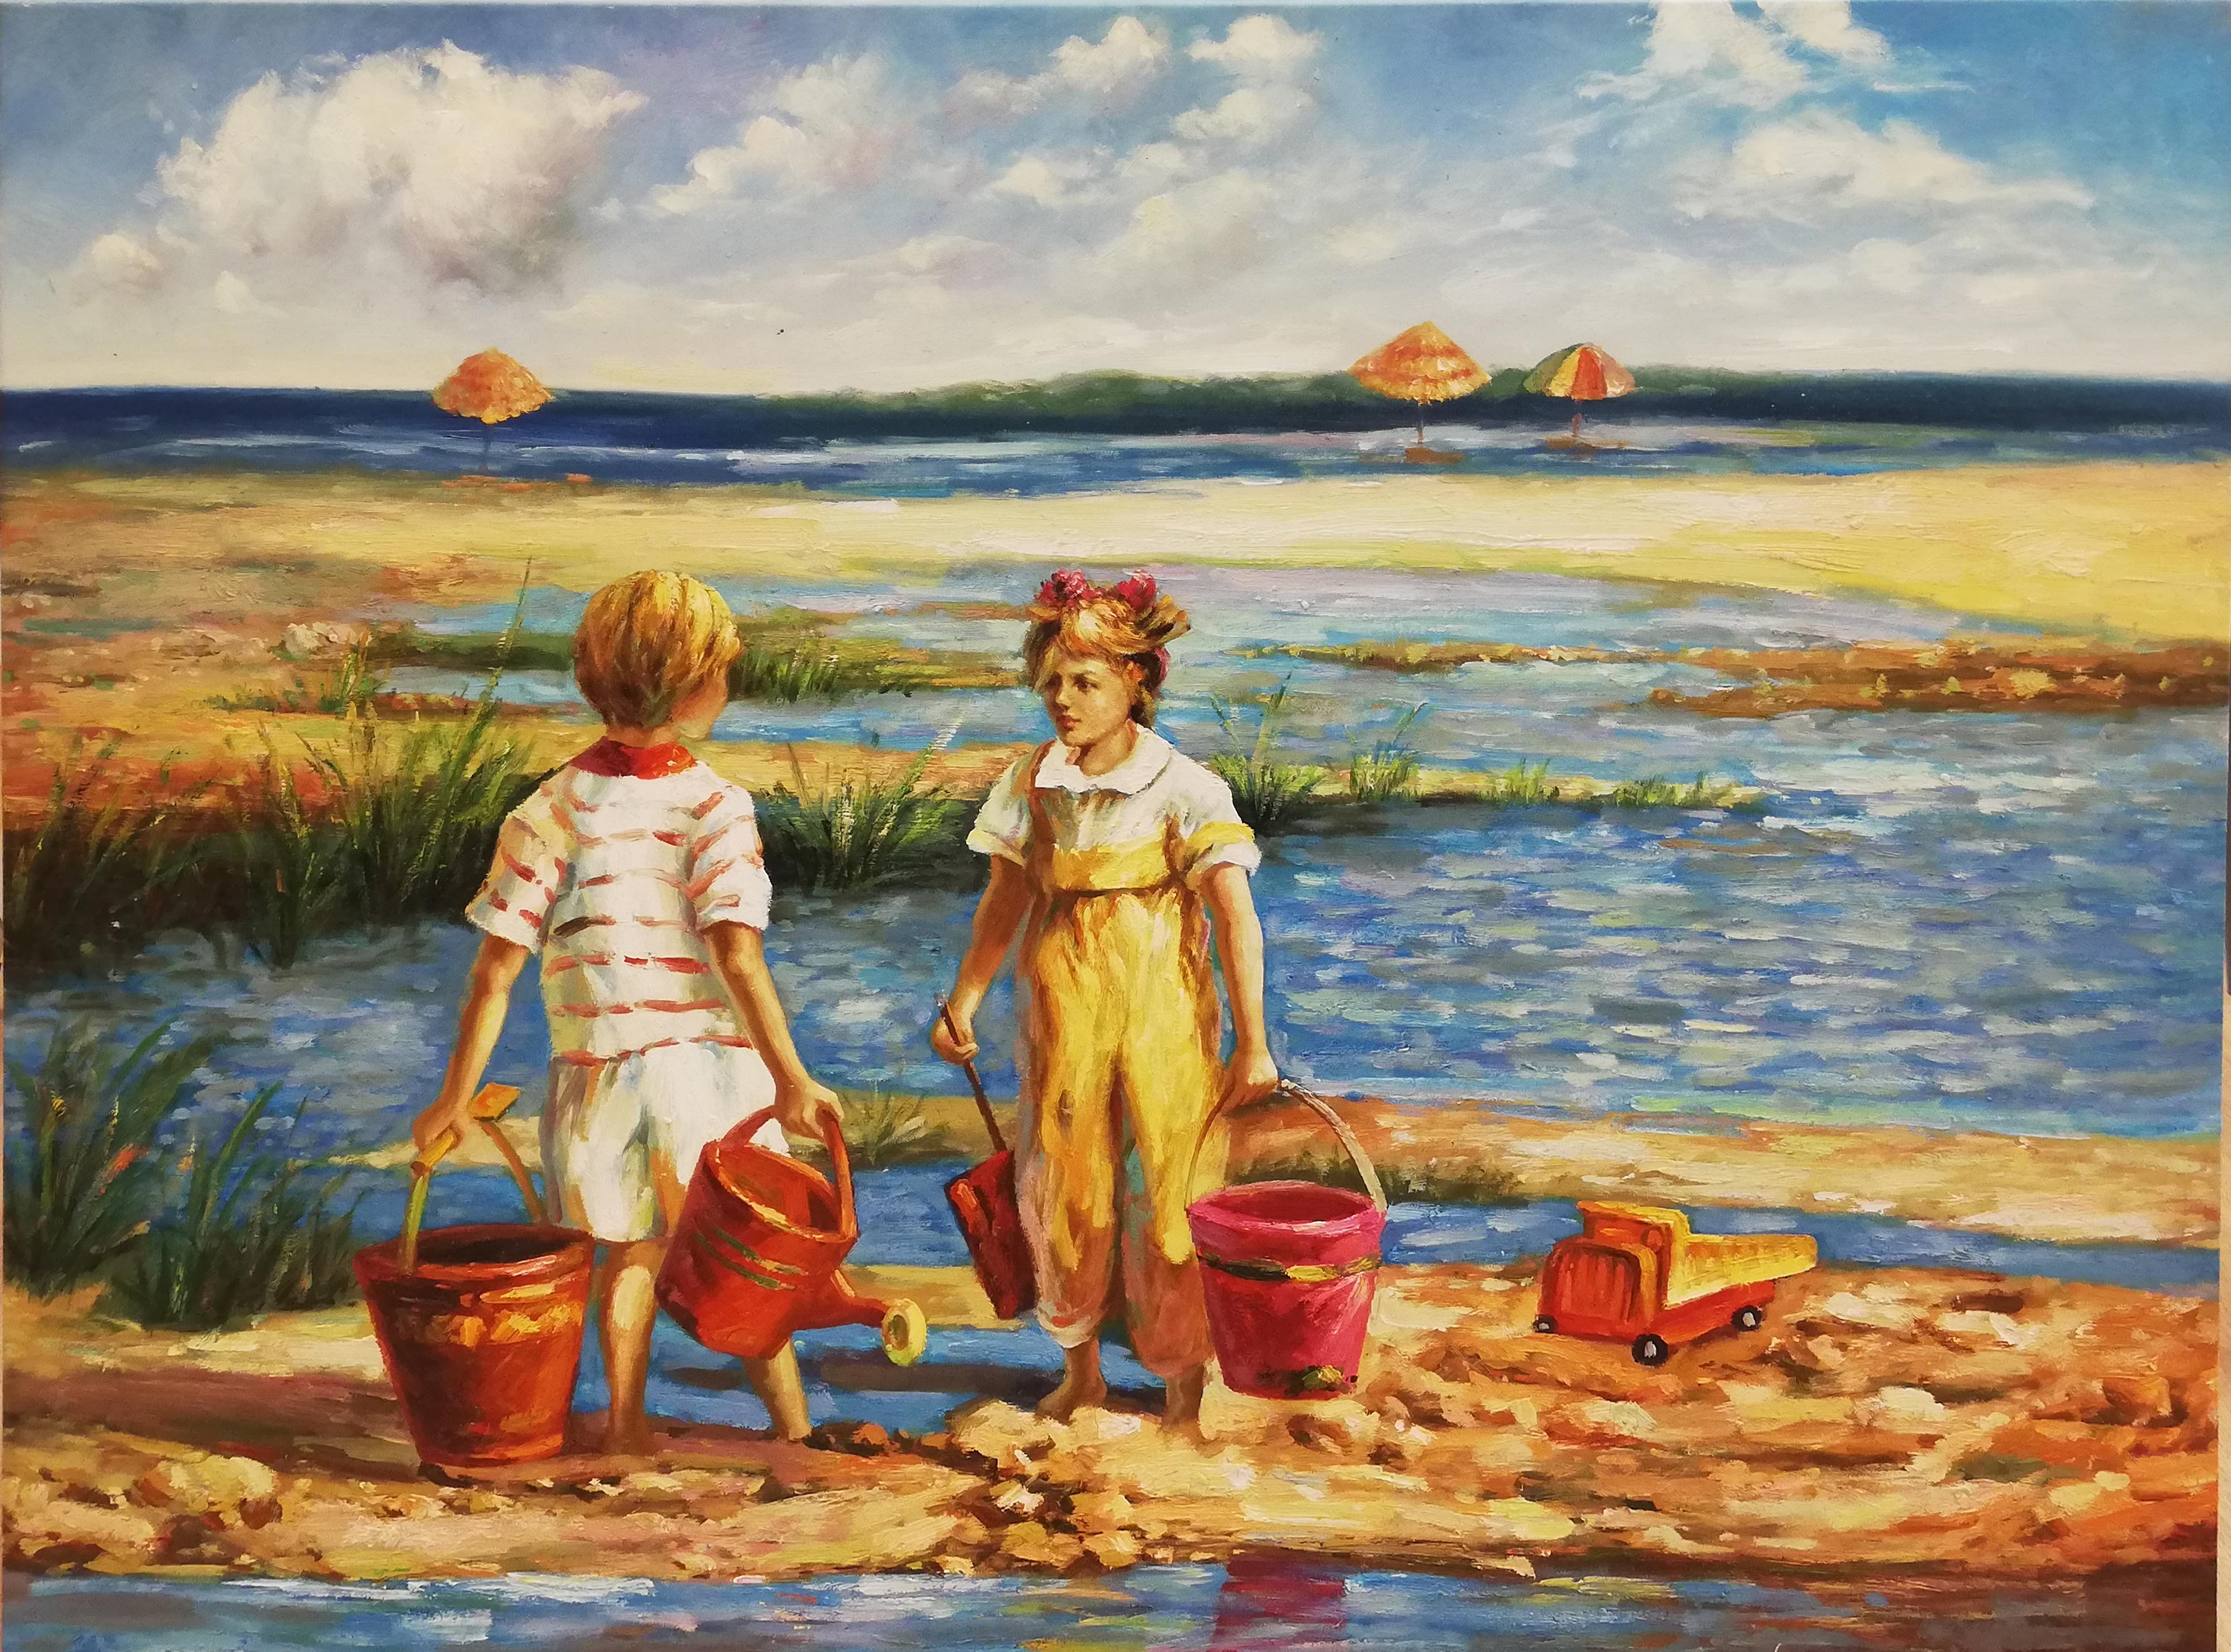 twee emmertjes halen schilderij strand